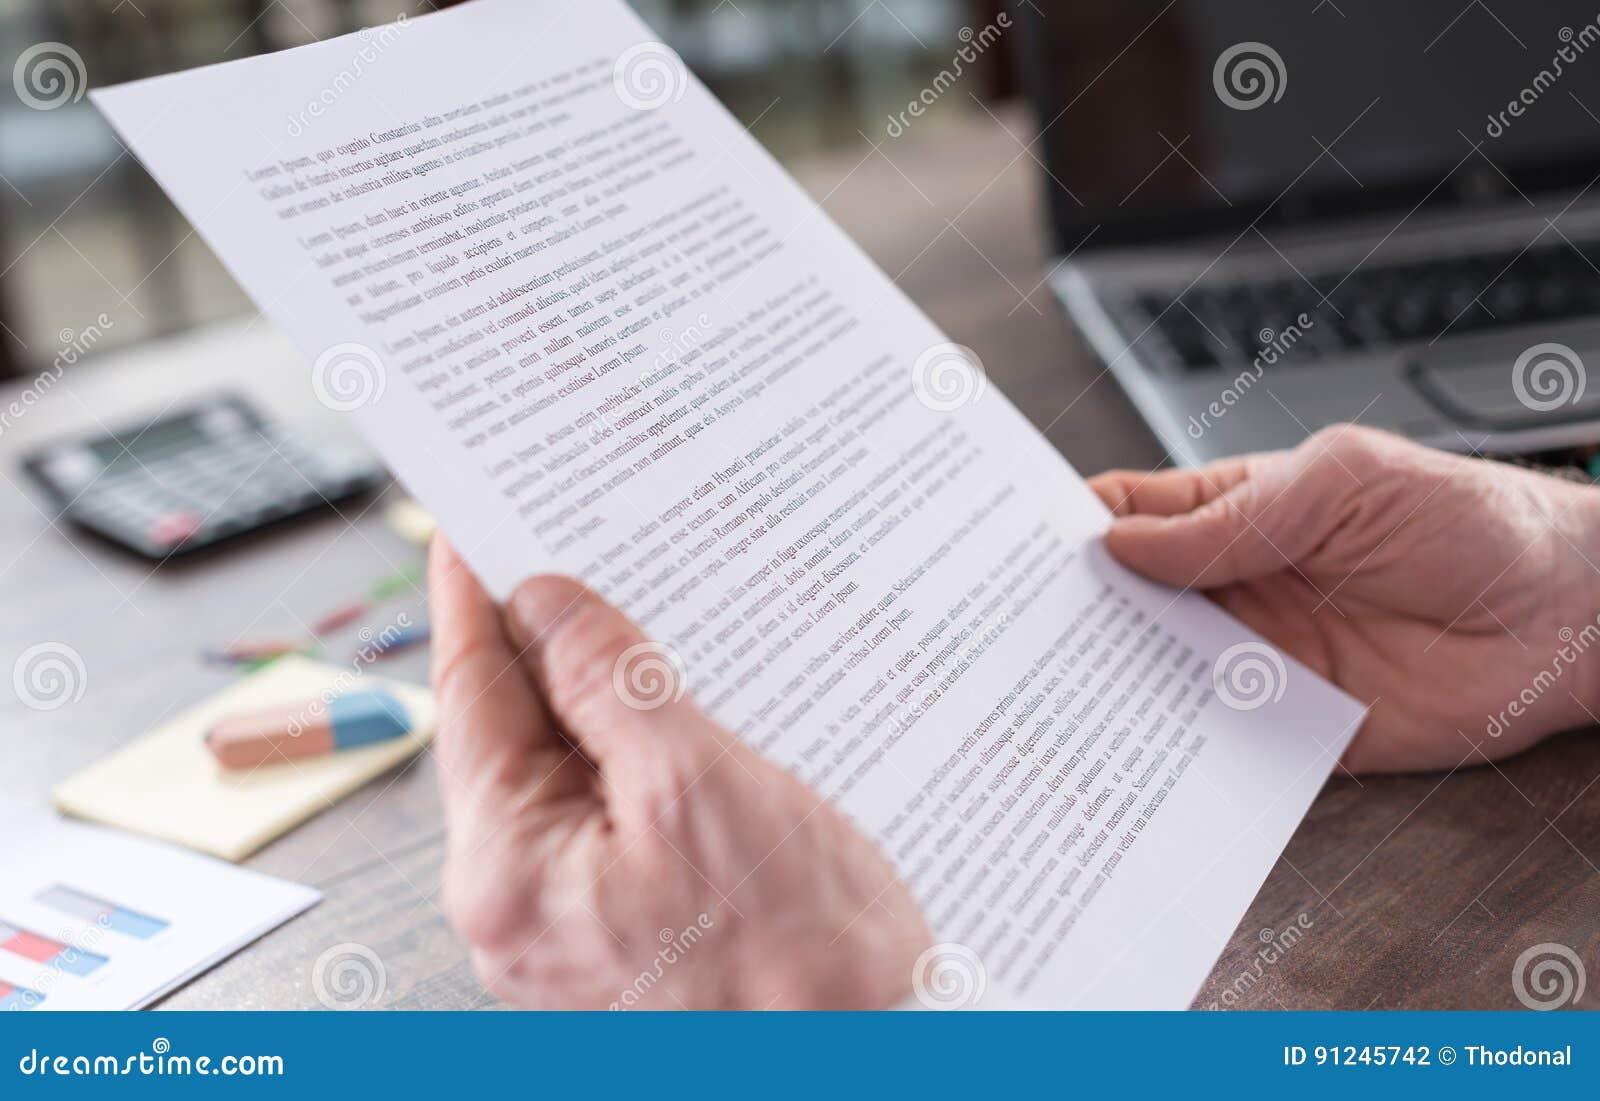 Έλεγχος ενός εγγράφου